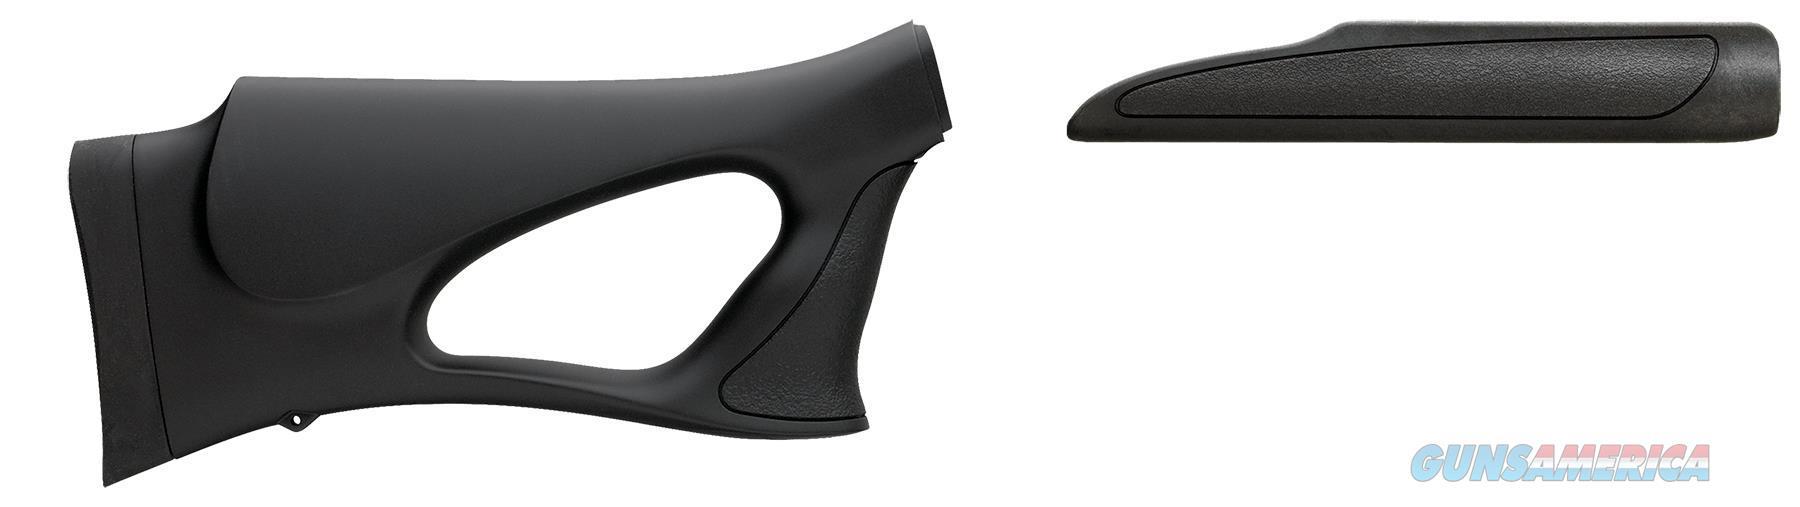 Remington 19548 Shurshot Stk/Forend 12Ga 1100/11-87 Syn Black 19548  Non-Guns > Gunstocks, Grips & Wood